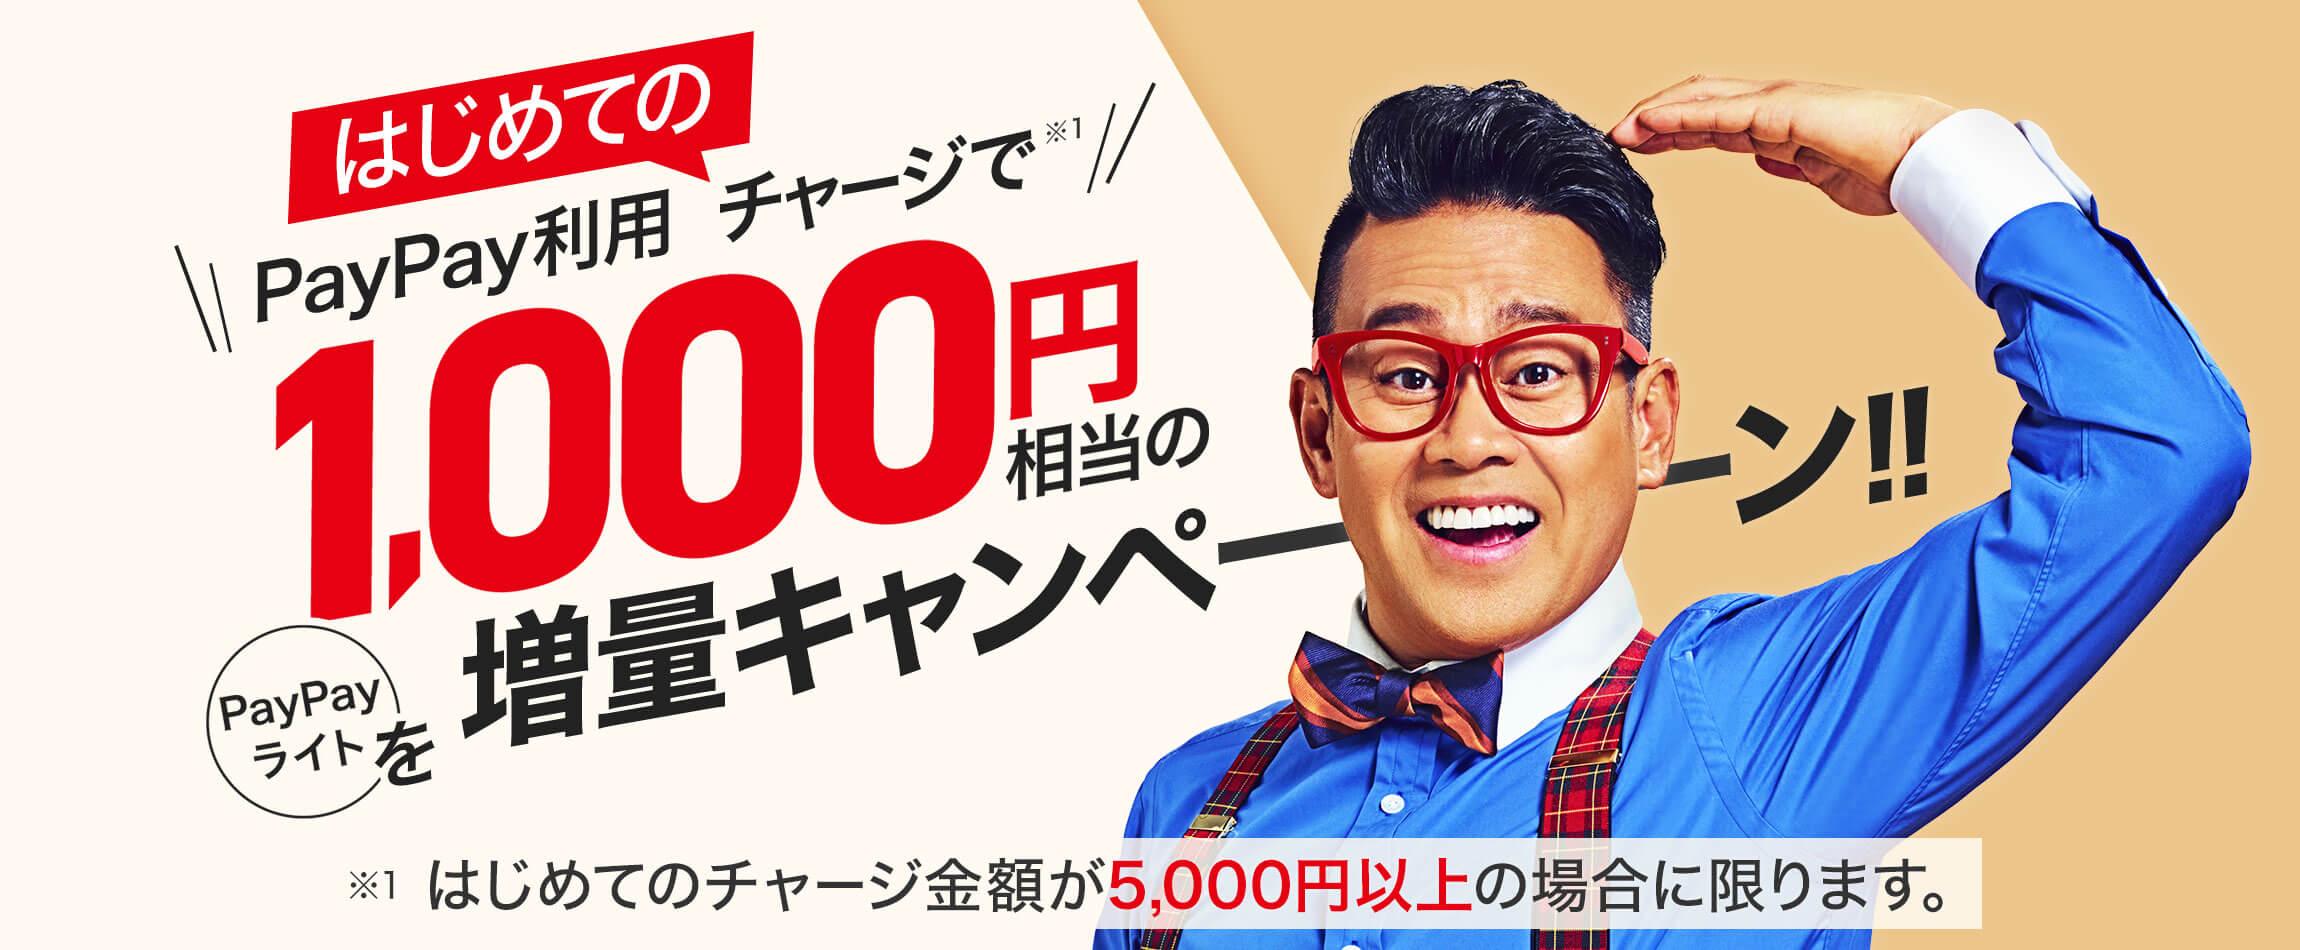 はじめてPayPay残高チャージで1000円分のPayPay増量キャンペーン